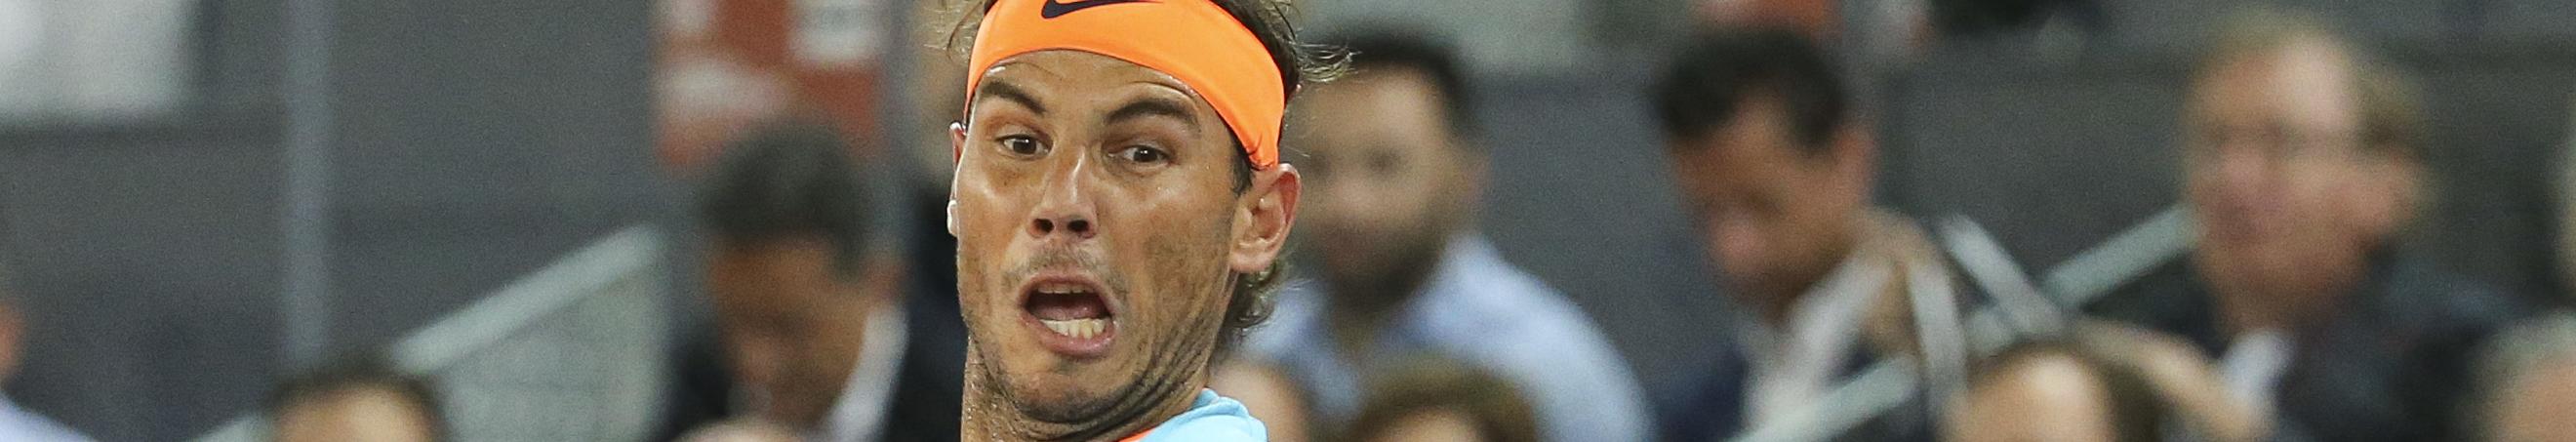 ATP Madrid, Nadal ingiocabile per Tsitsipas?